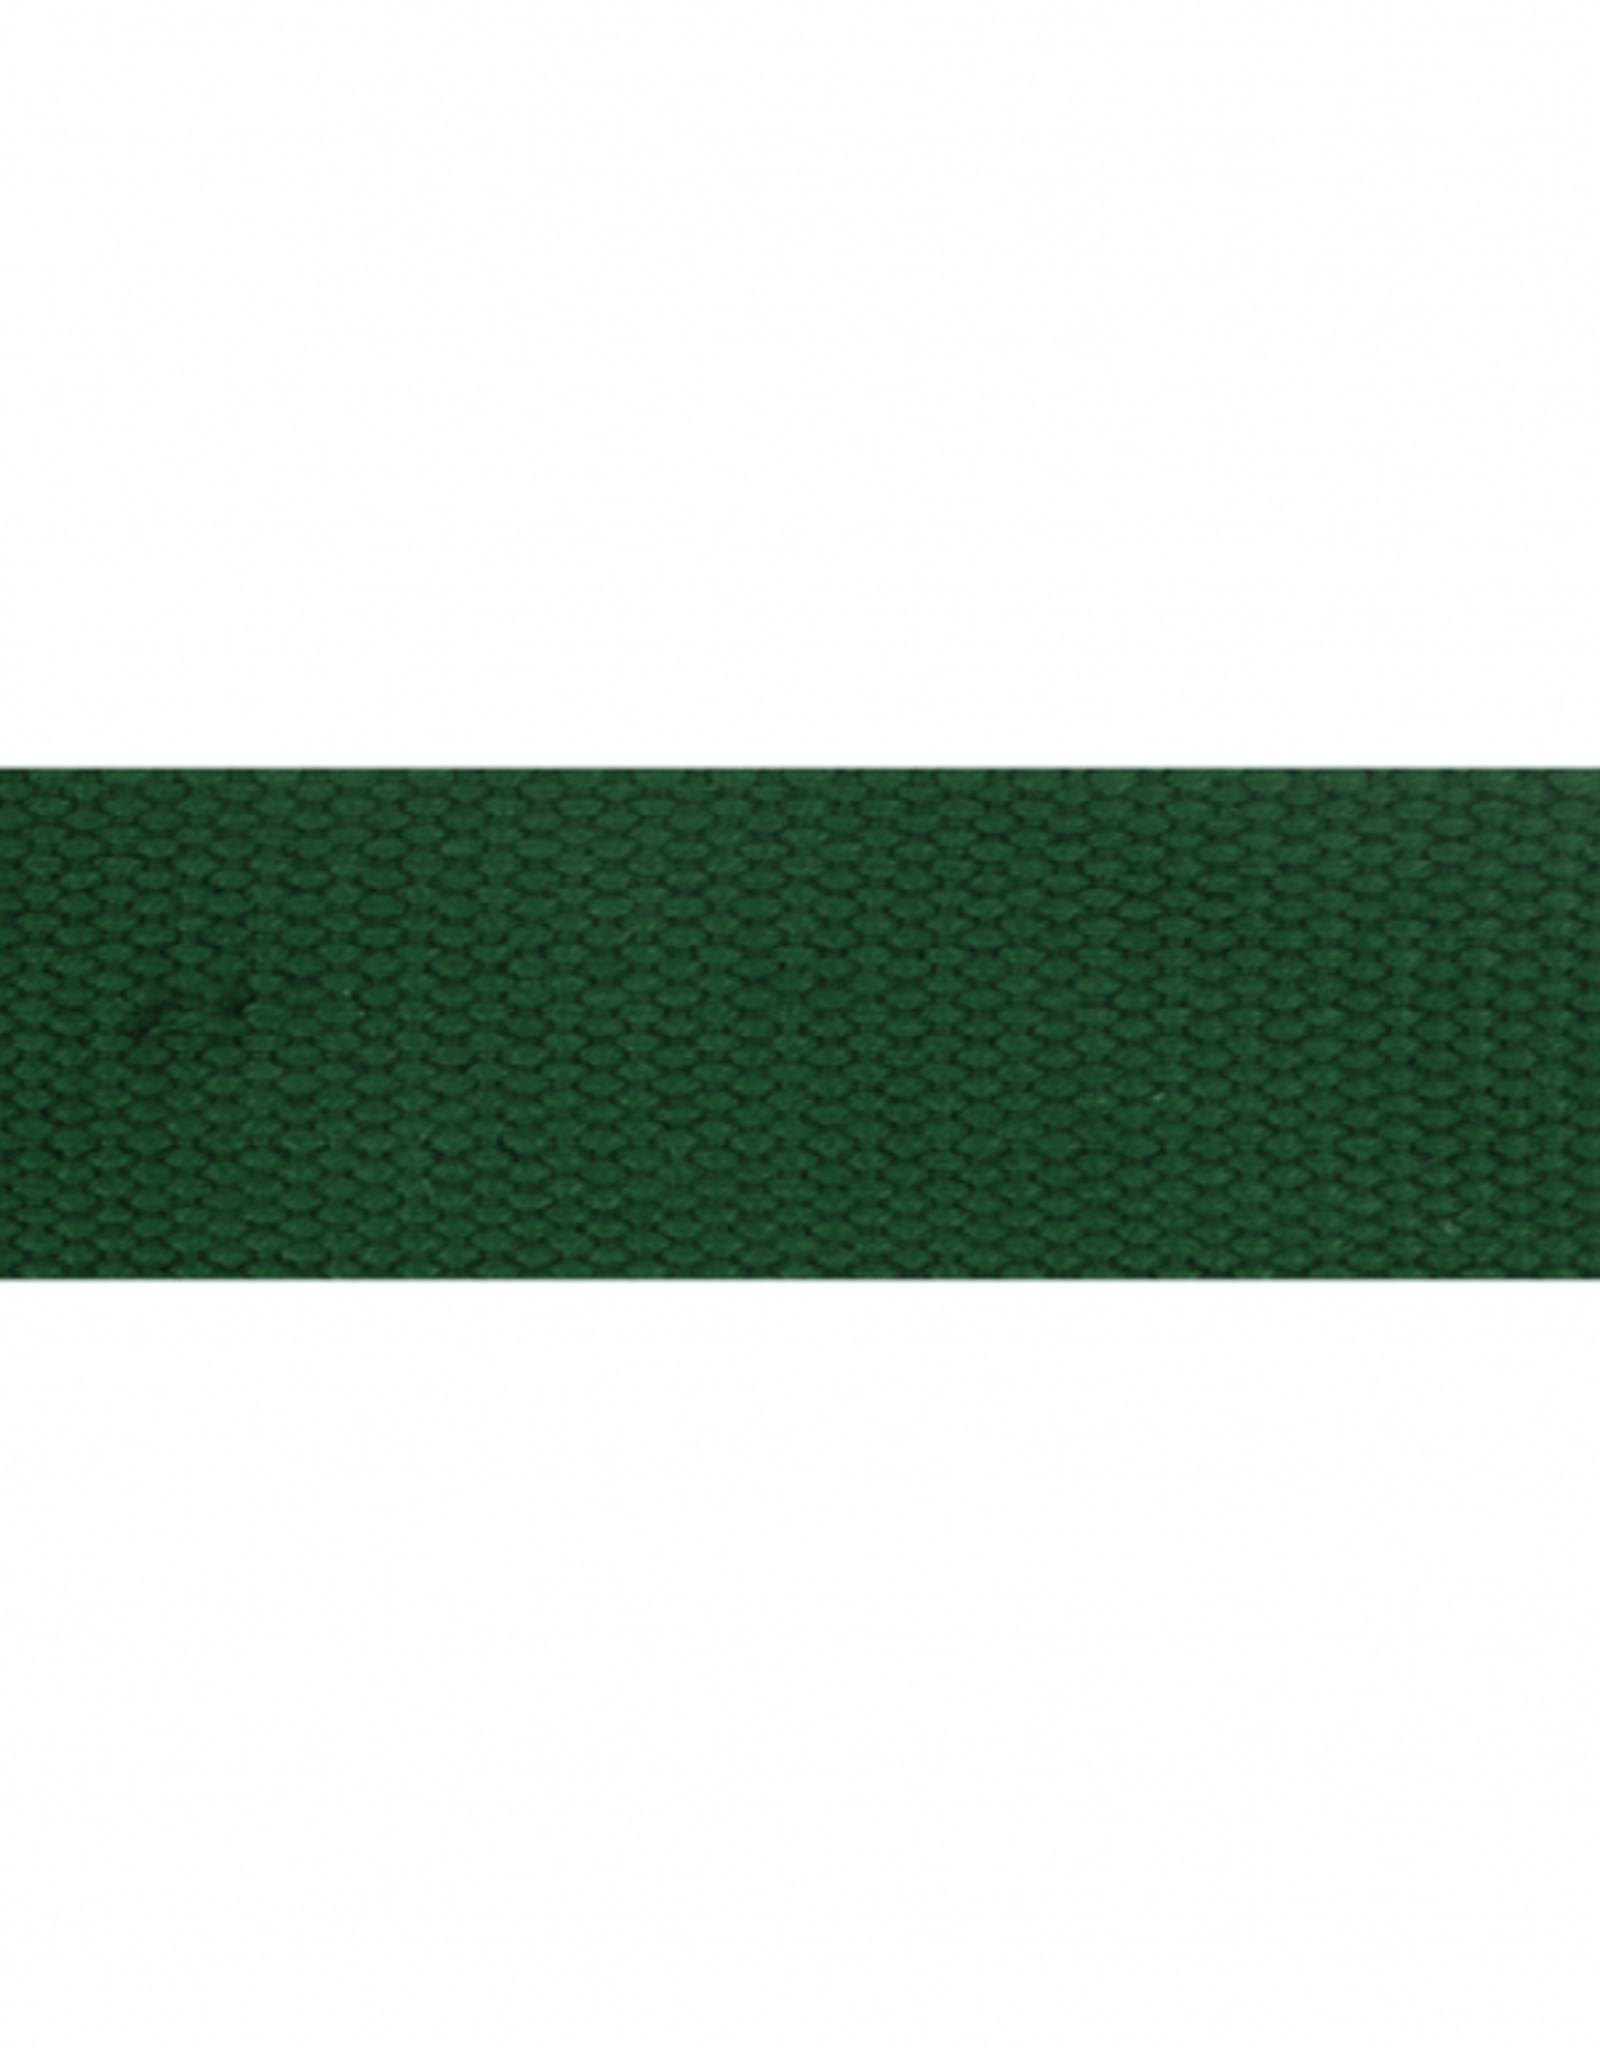 Tassenband donkergroen 38mm